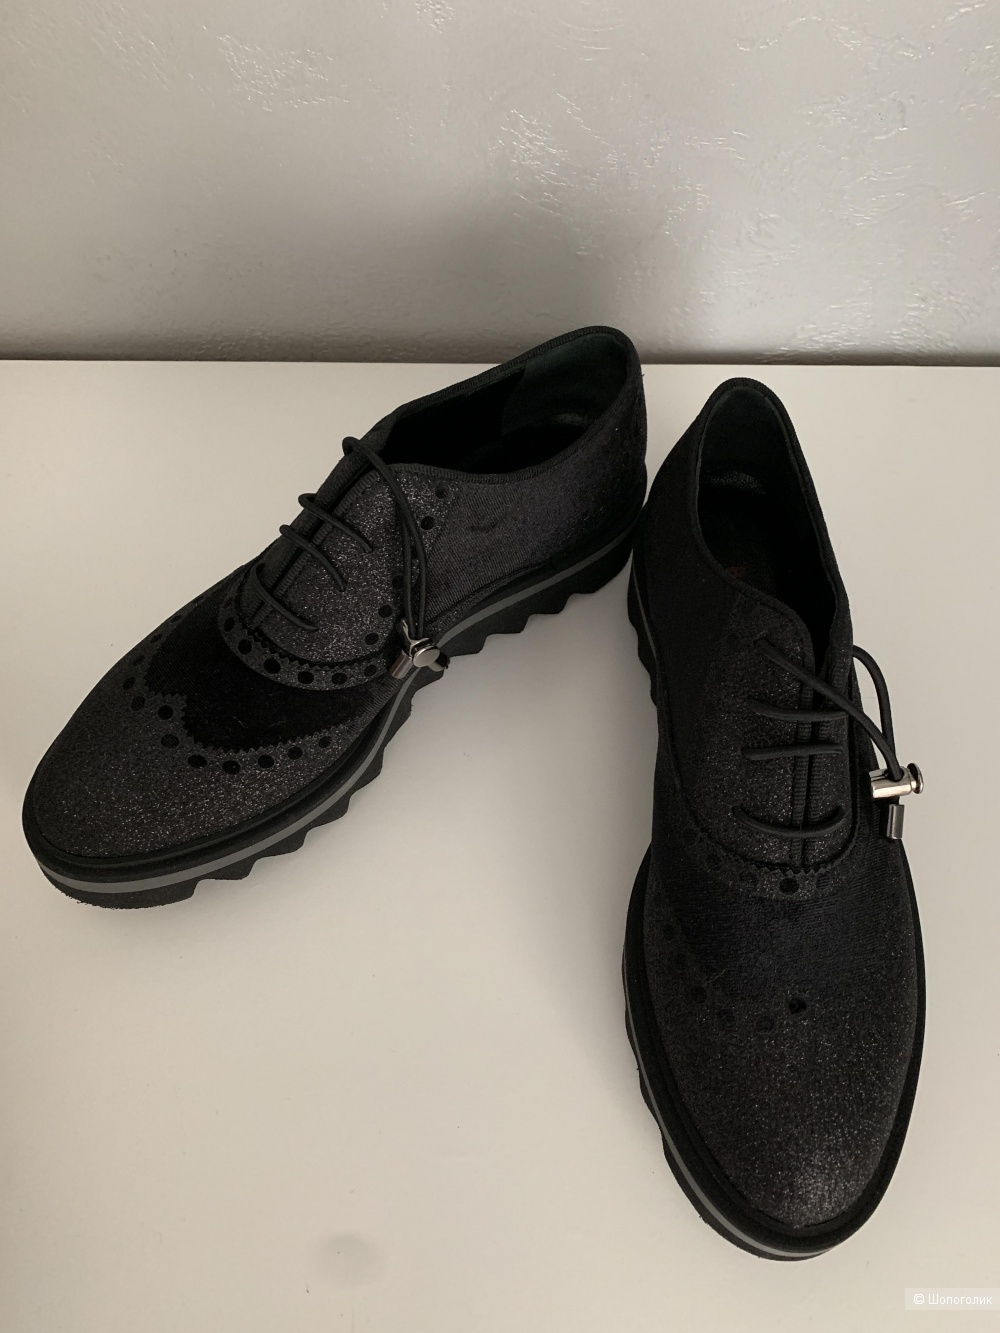 Ботинки Baldinini, размер 38